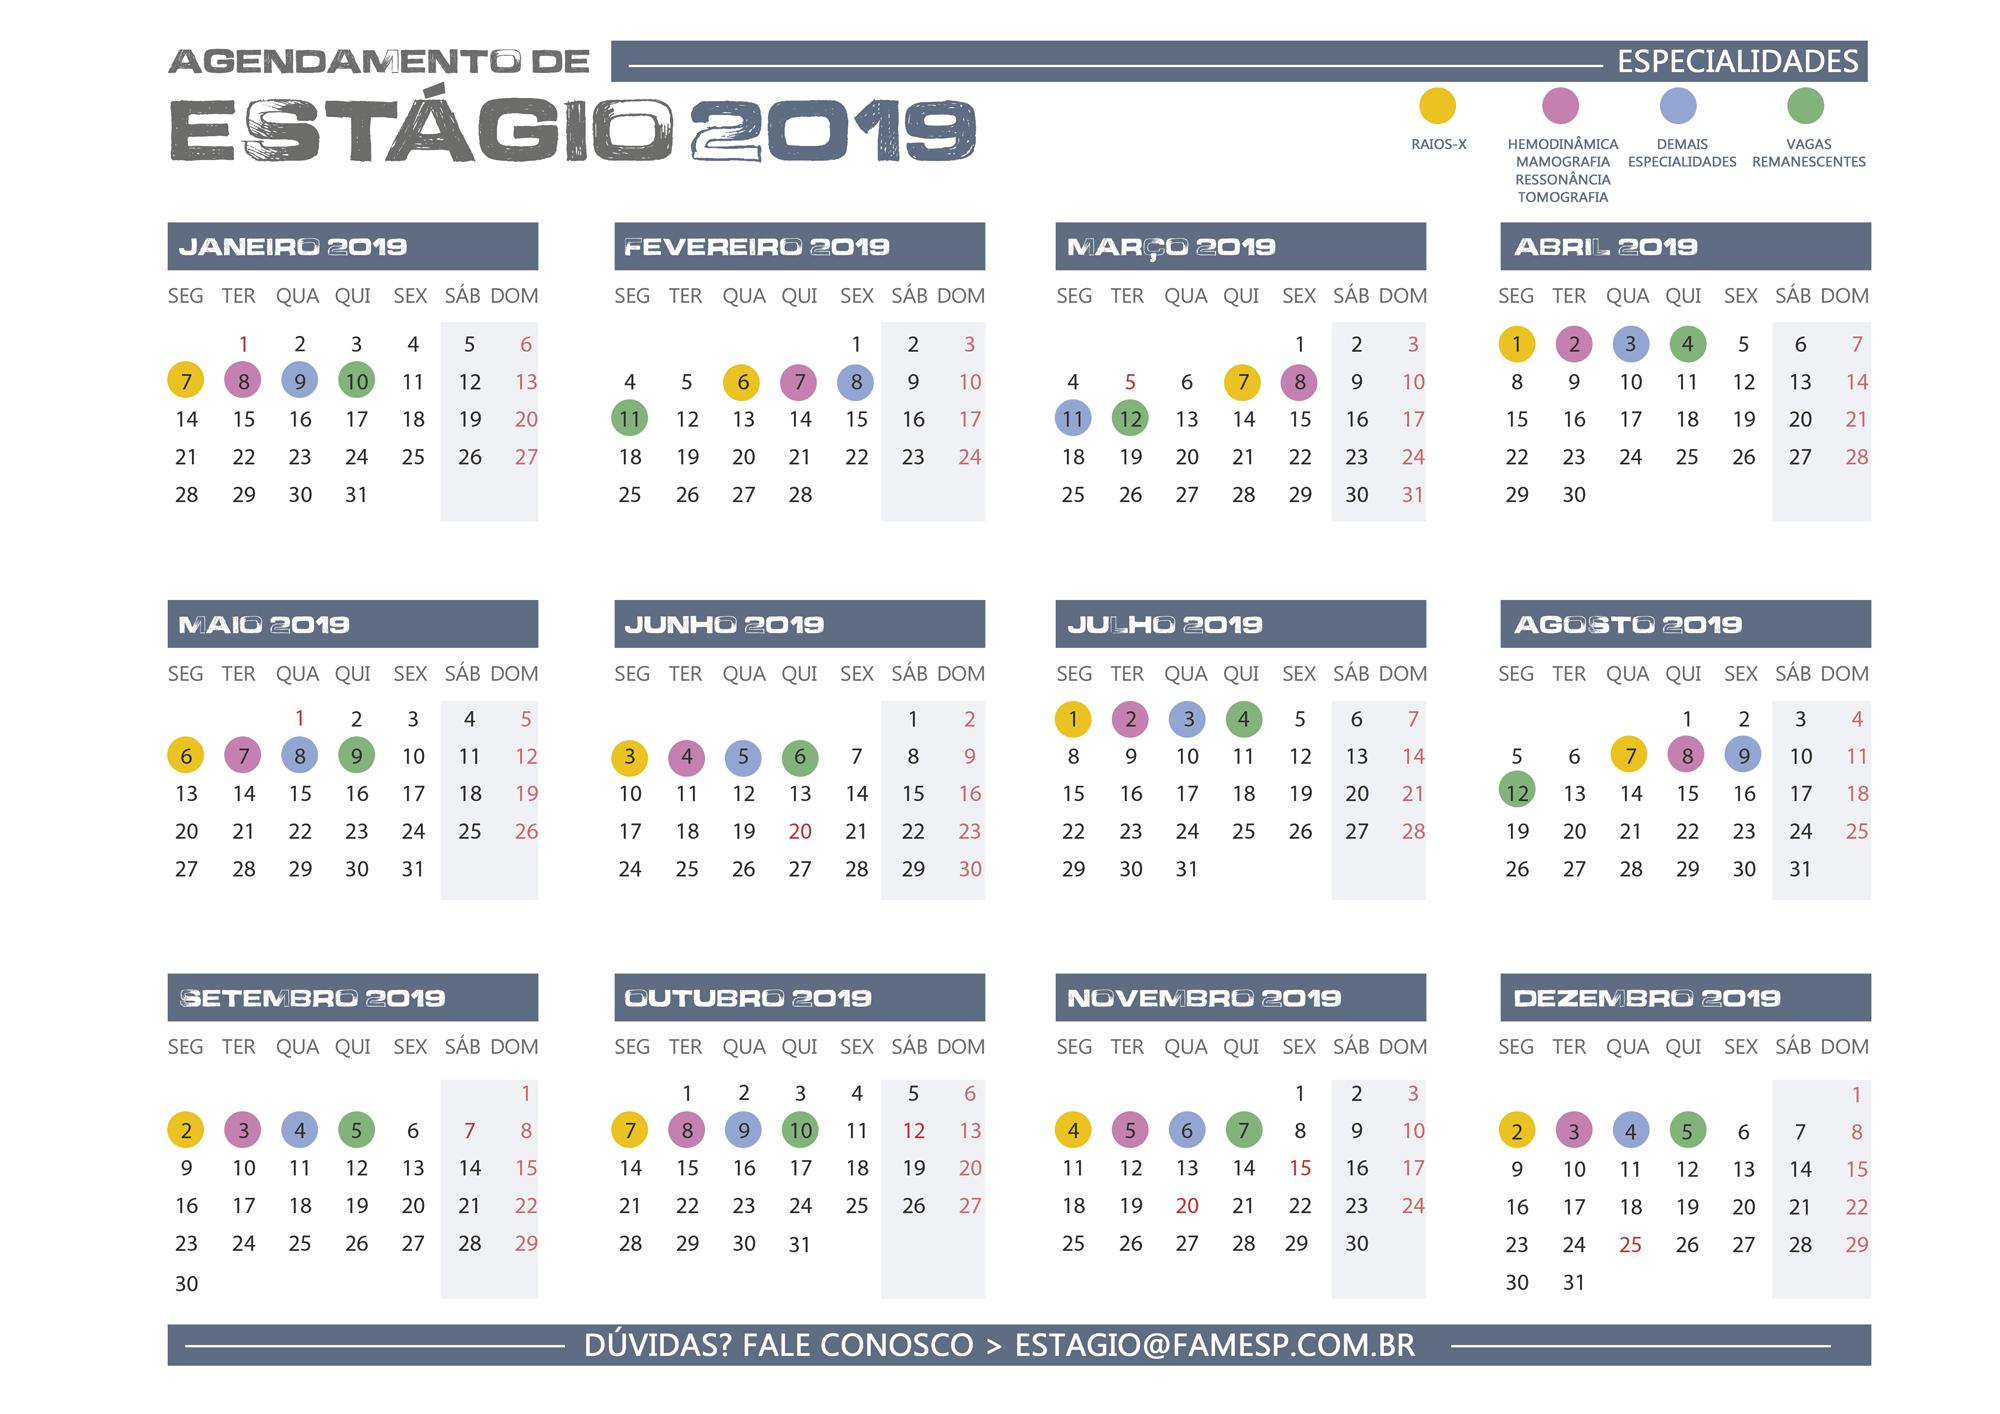 calendario estagio 2019 famesp